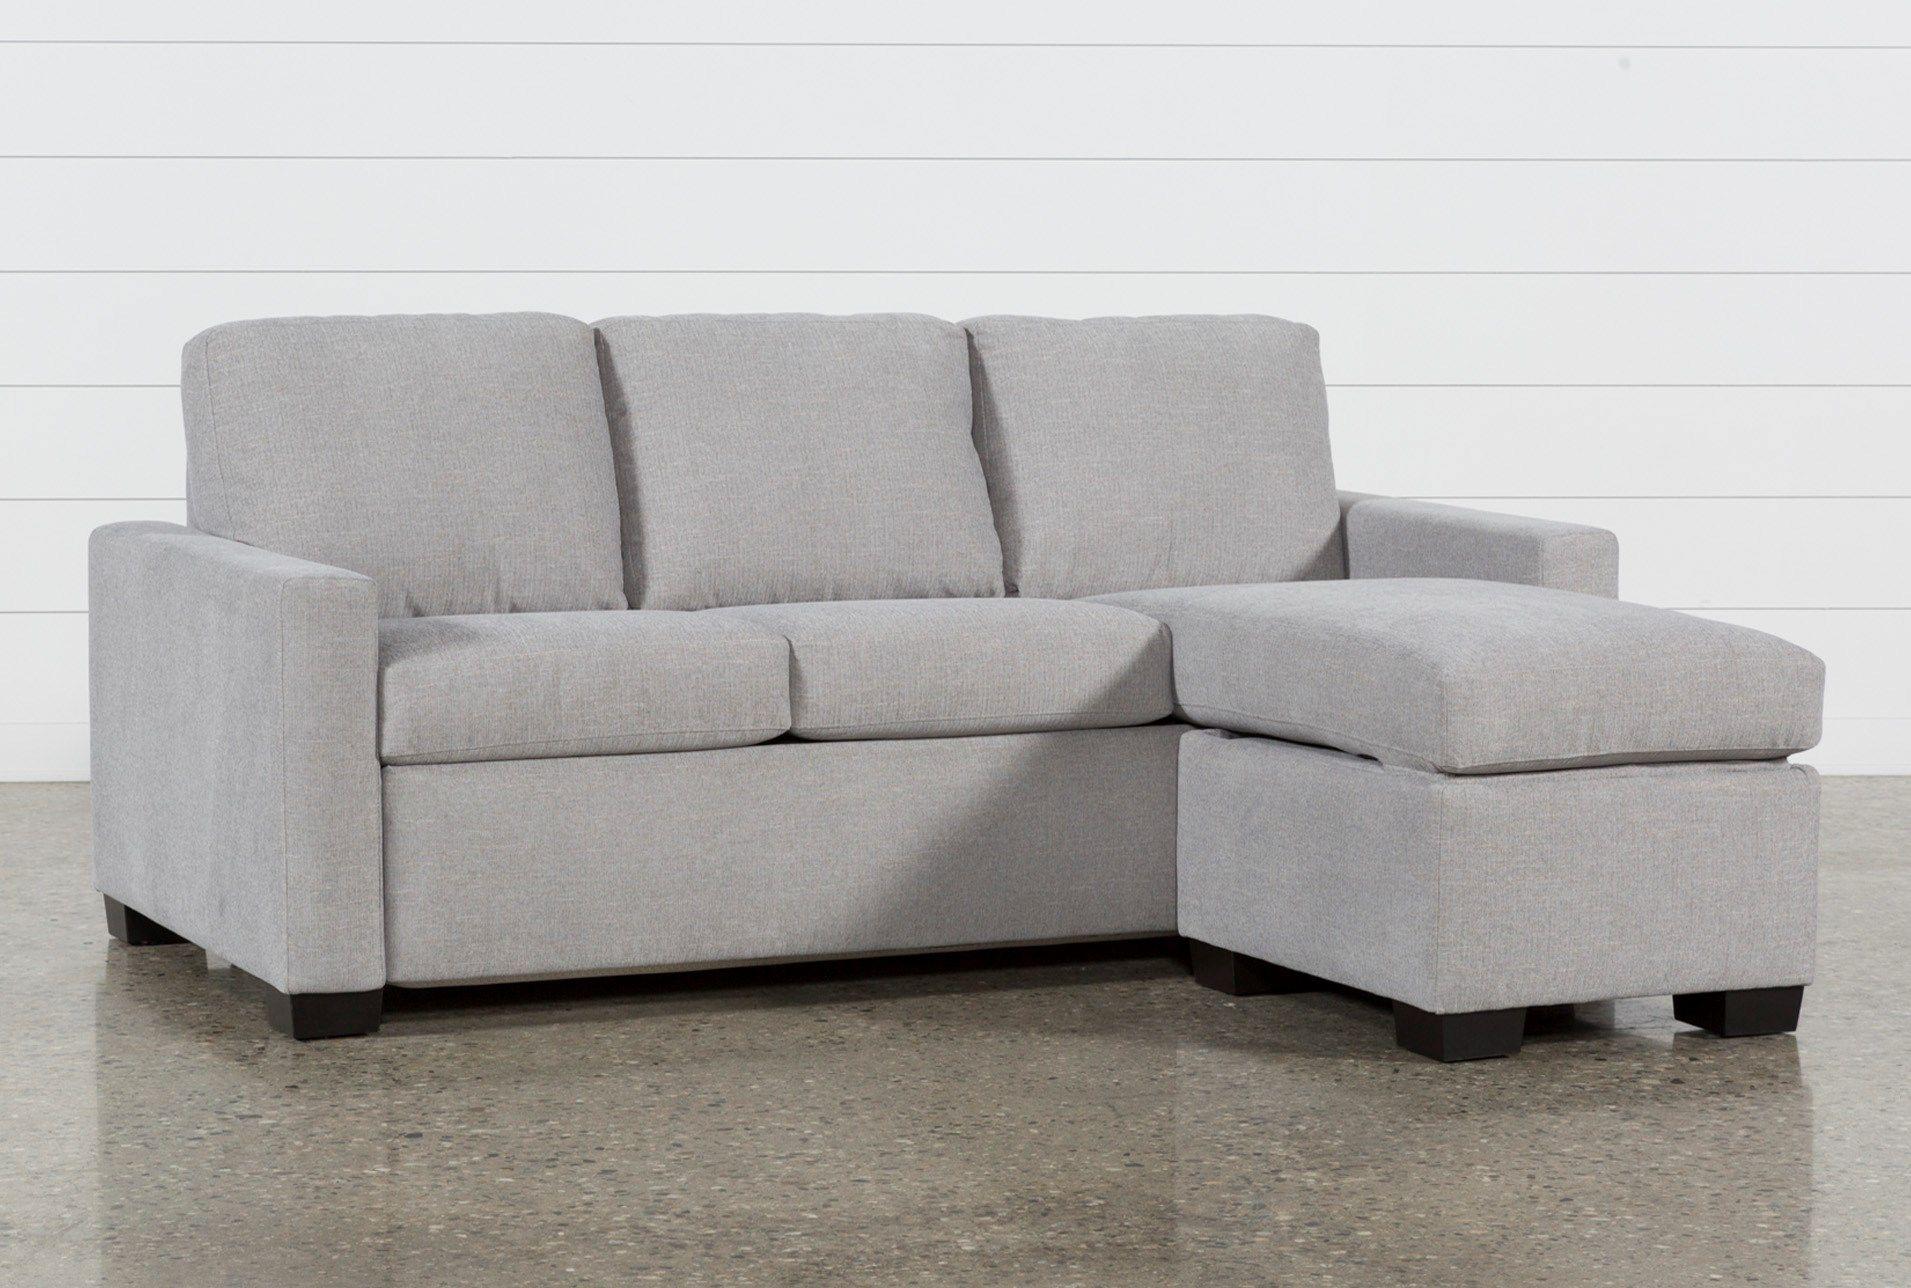 Mackenzie Silverpine Queen Plus Sofa Sleeper W/ Storage